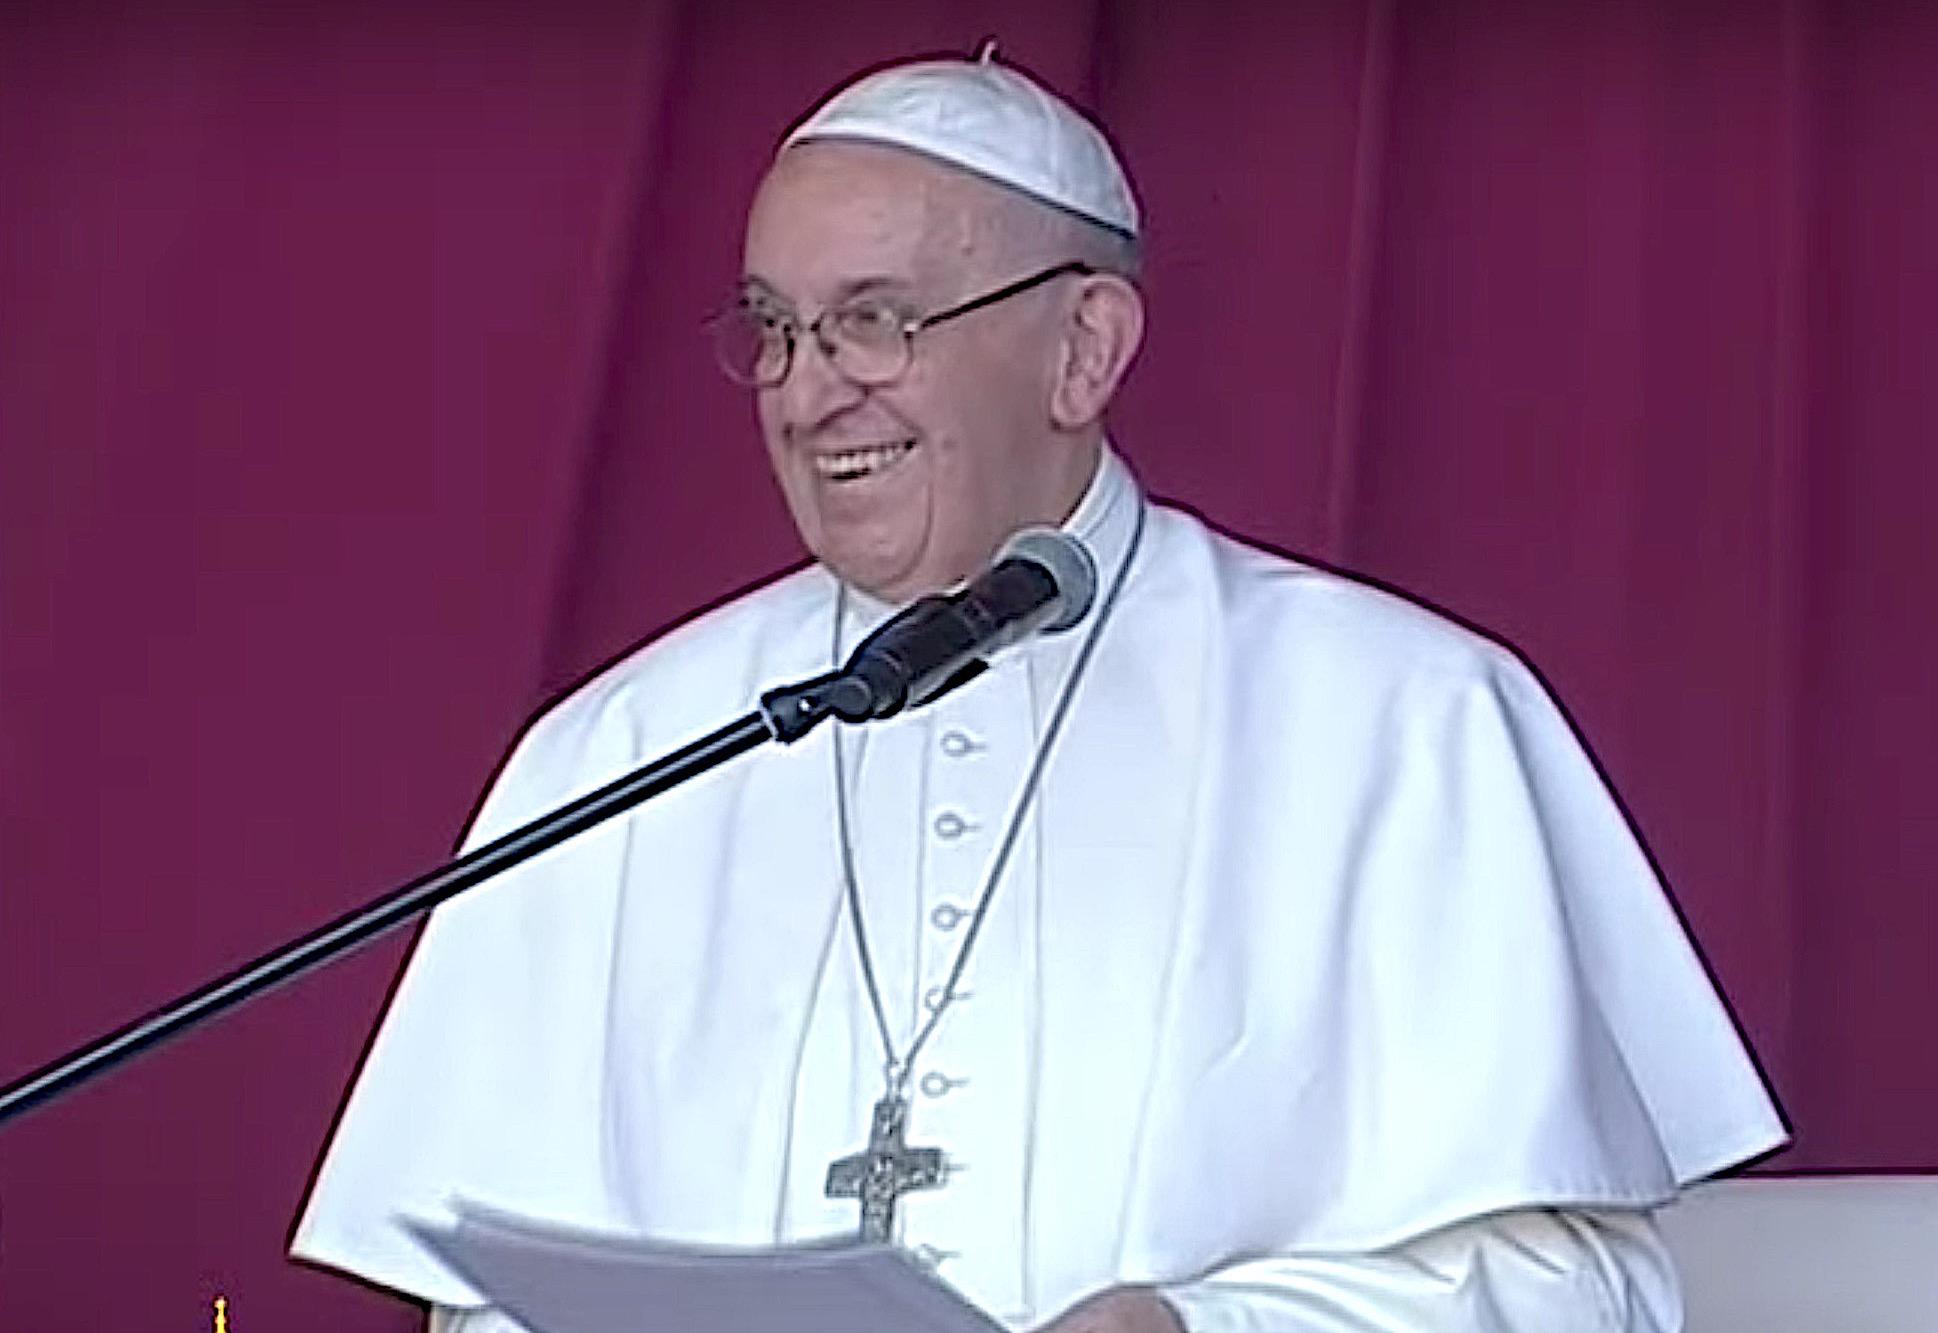 El Papa cuando habla de 'faraonismo', se ríe y dice: Estamos en Egipto